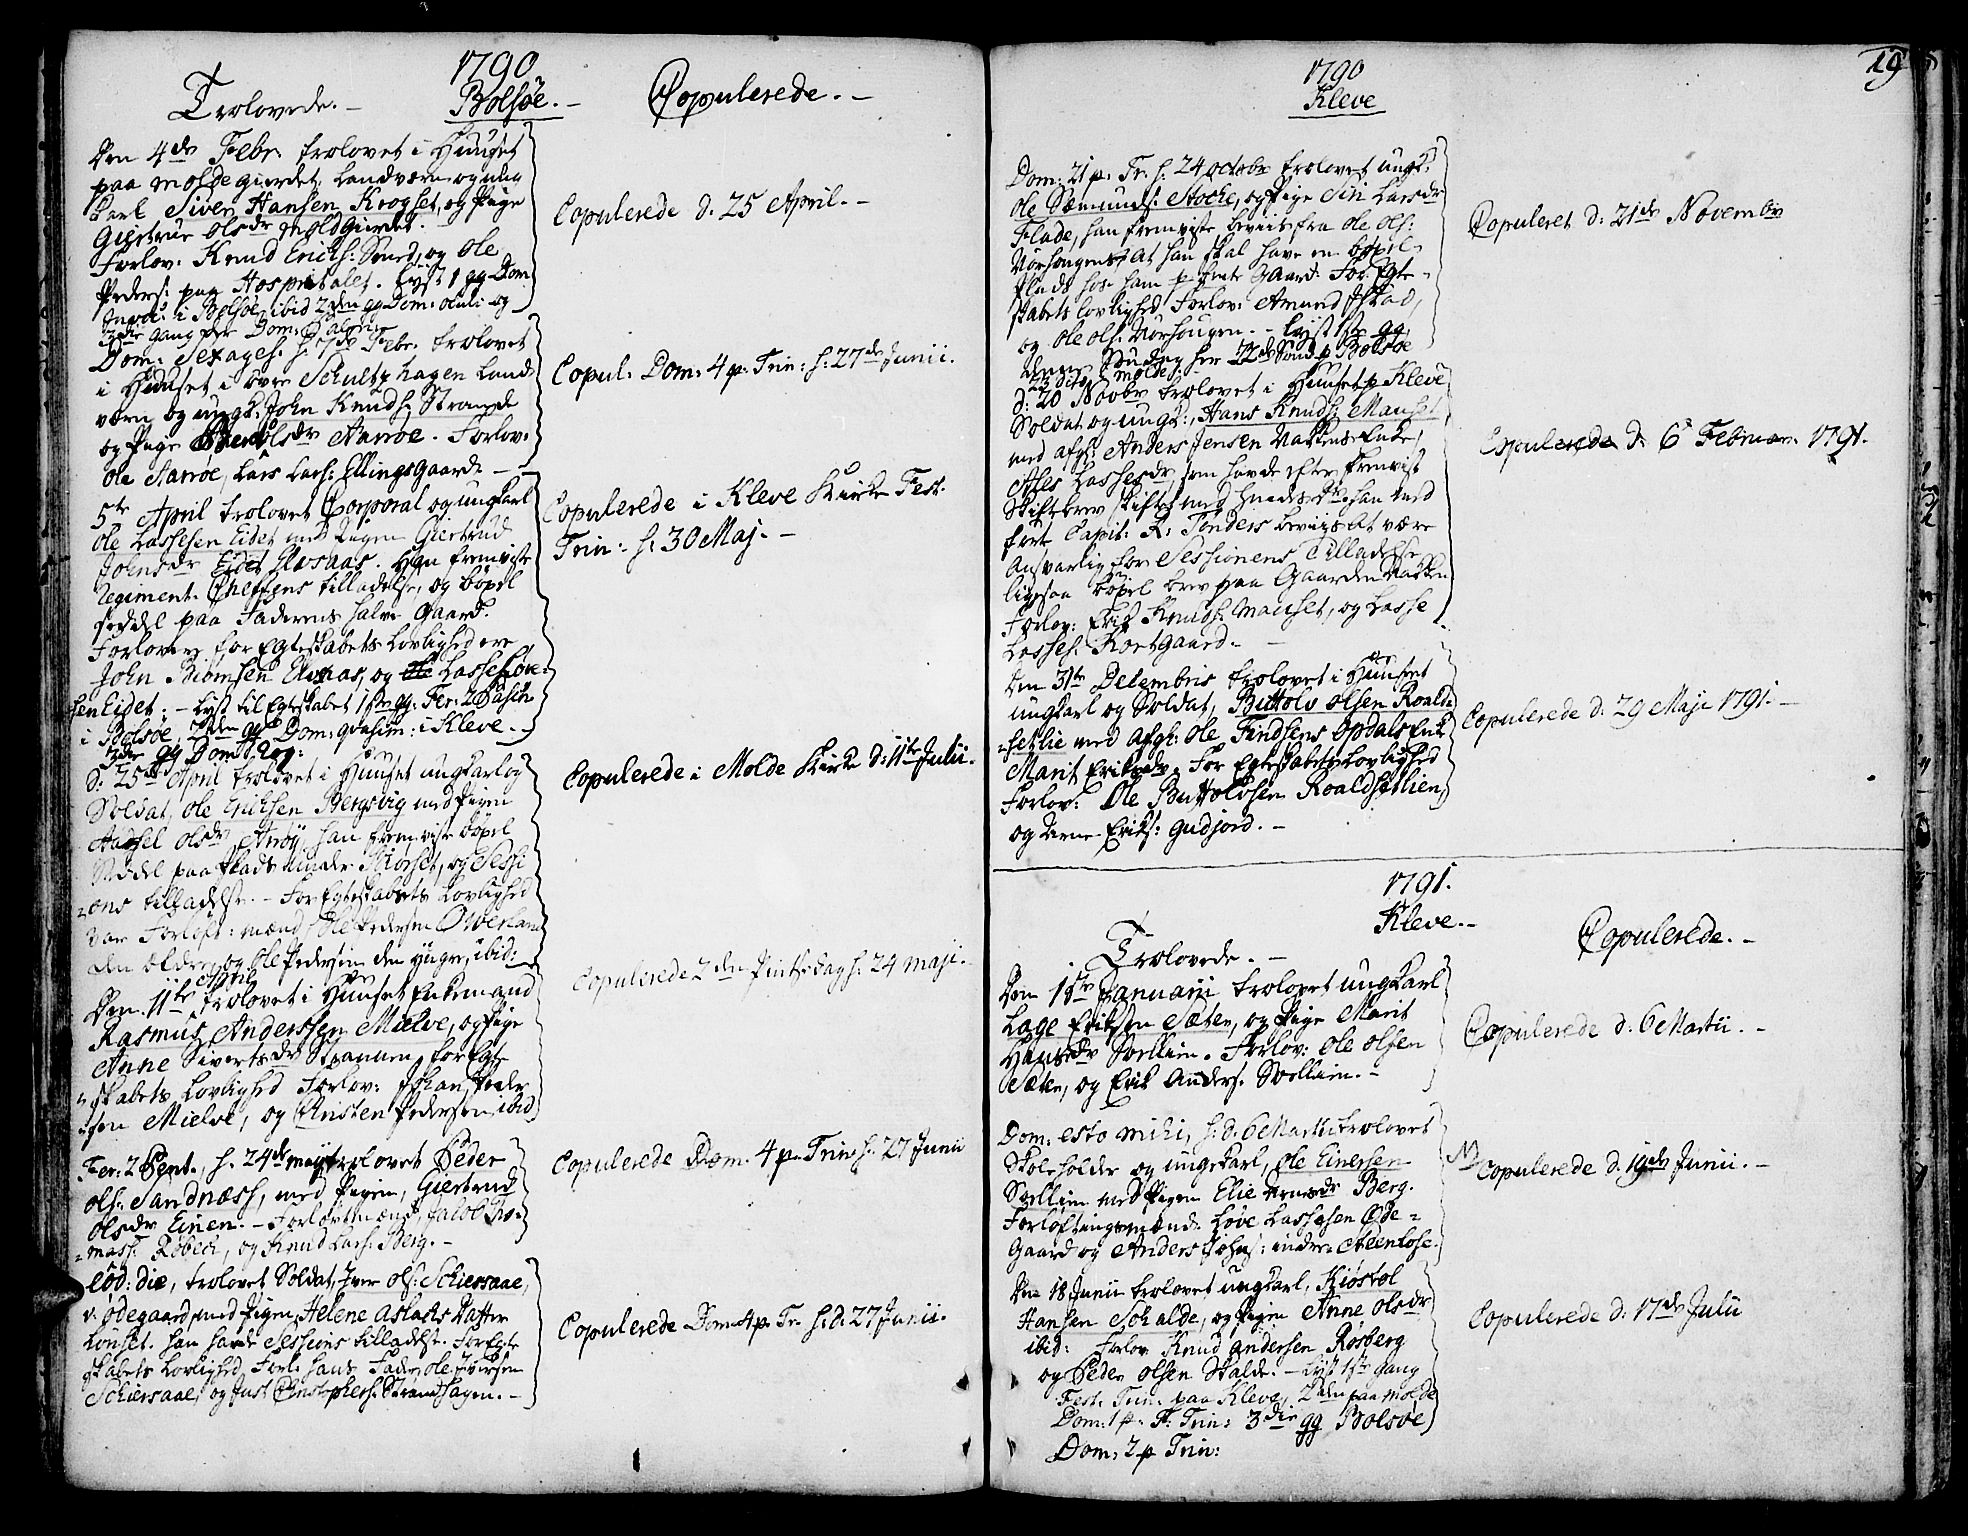 SAT, Ministerialprotokoller, klokkerbøker og fødselsregistre - Møre og Romsdal, 555/L0648: Ministerialbok nr. 555A01, 1759-1793, s. 19